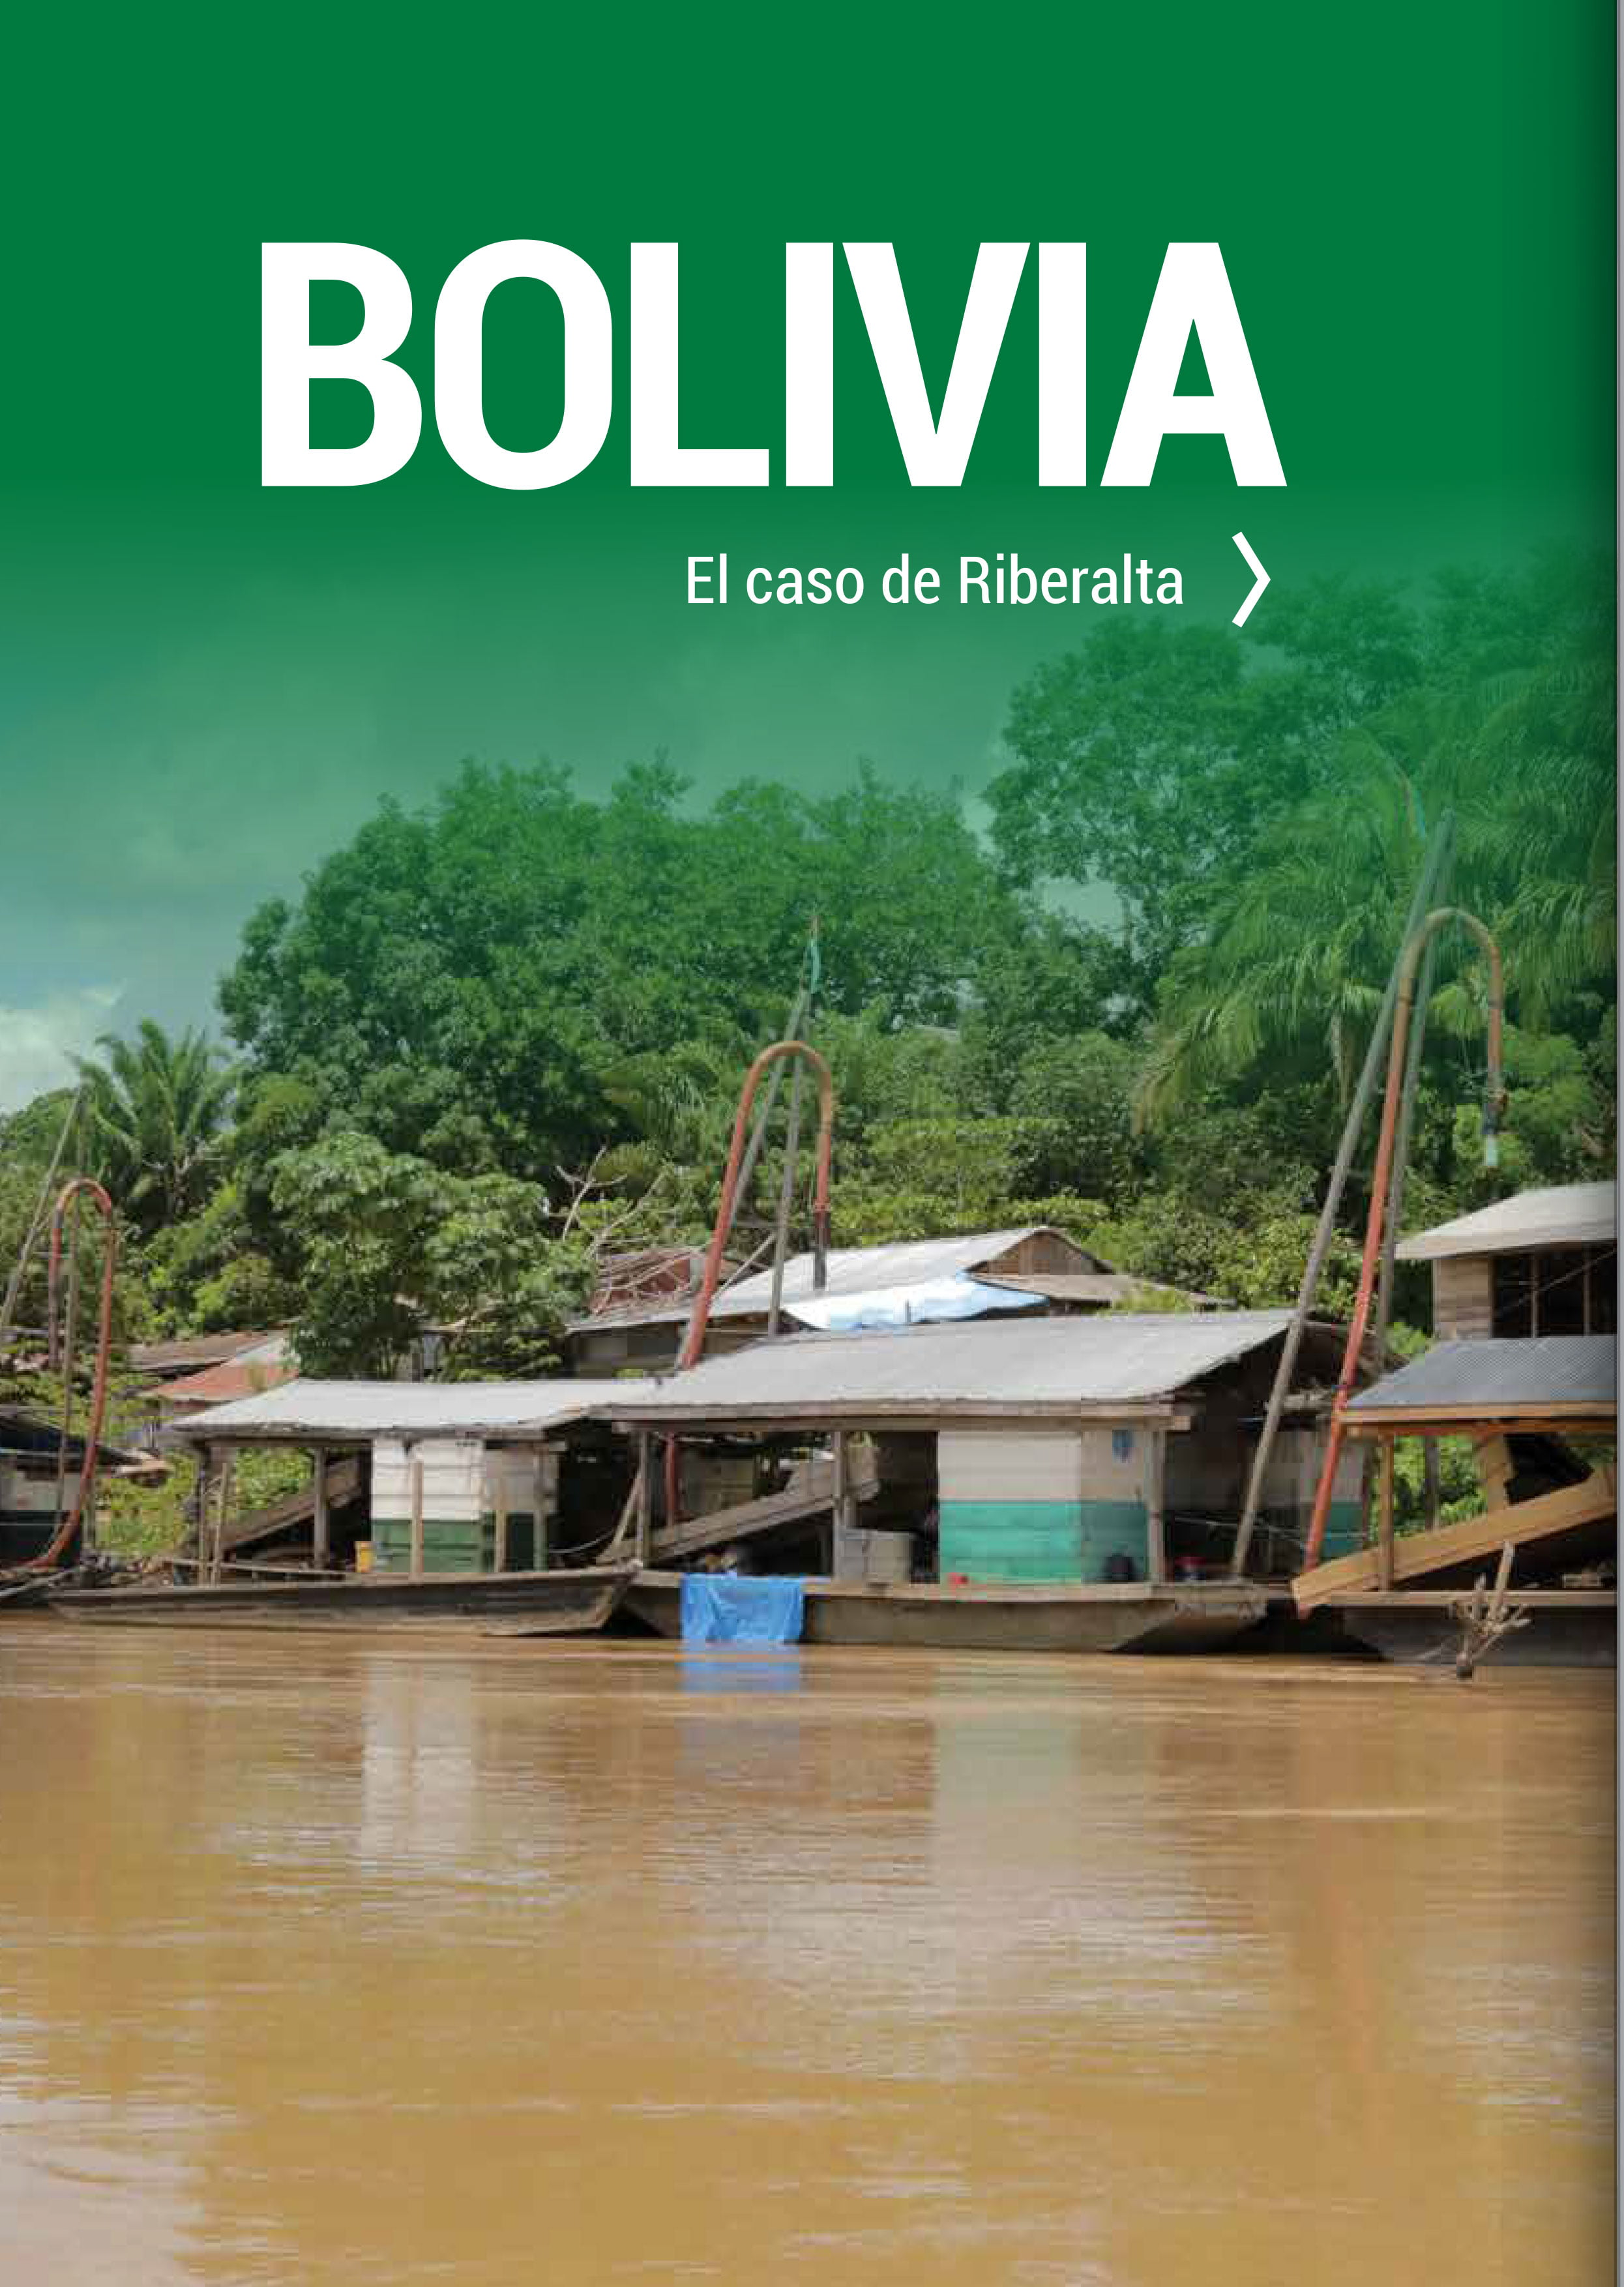 Bolivia: El caso de Riberalta (Las rutas del oro ilegal)